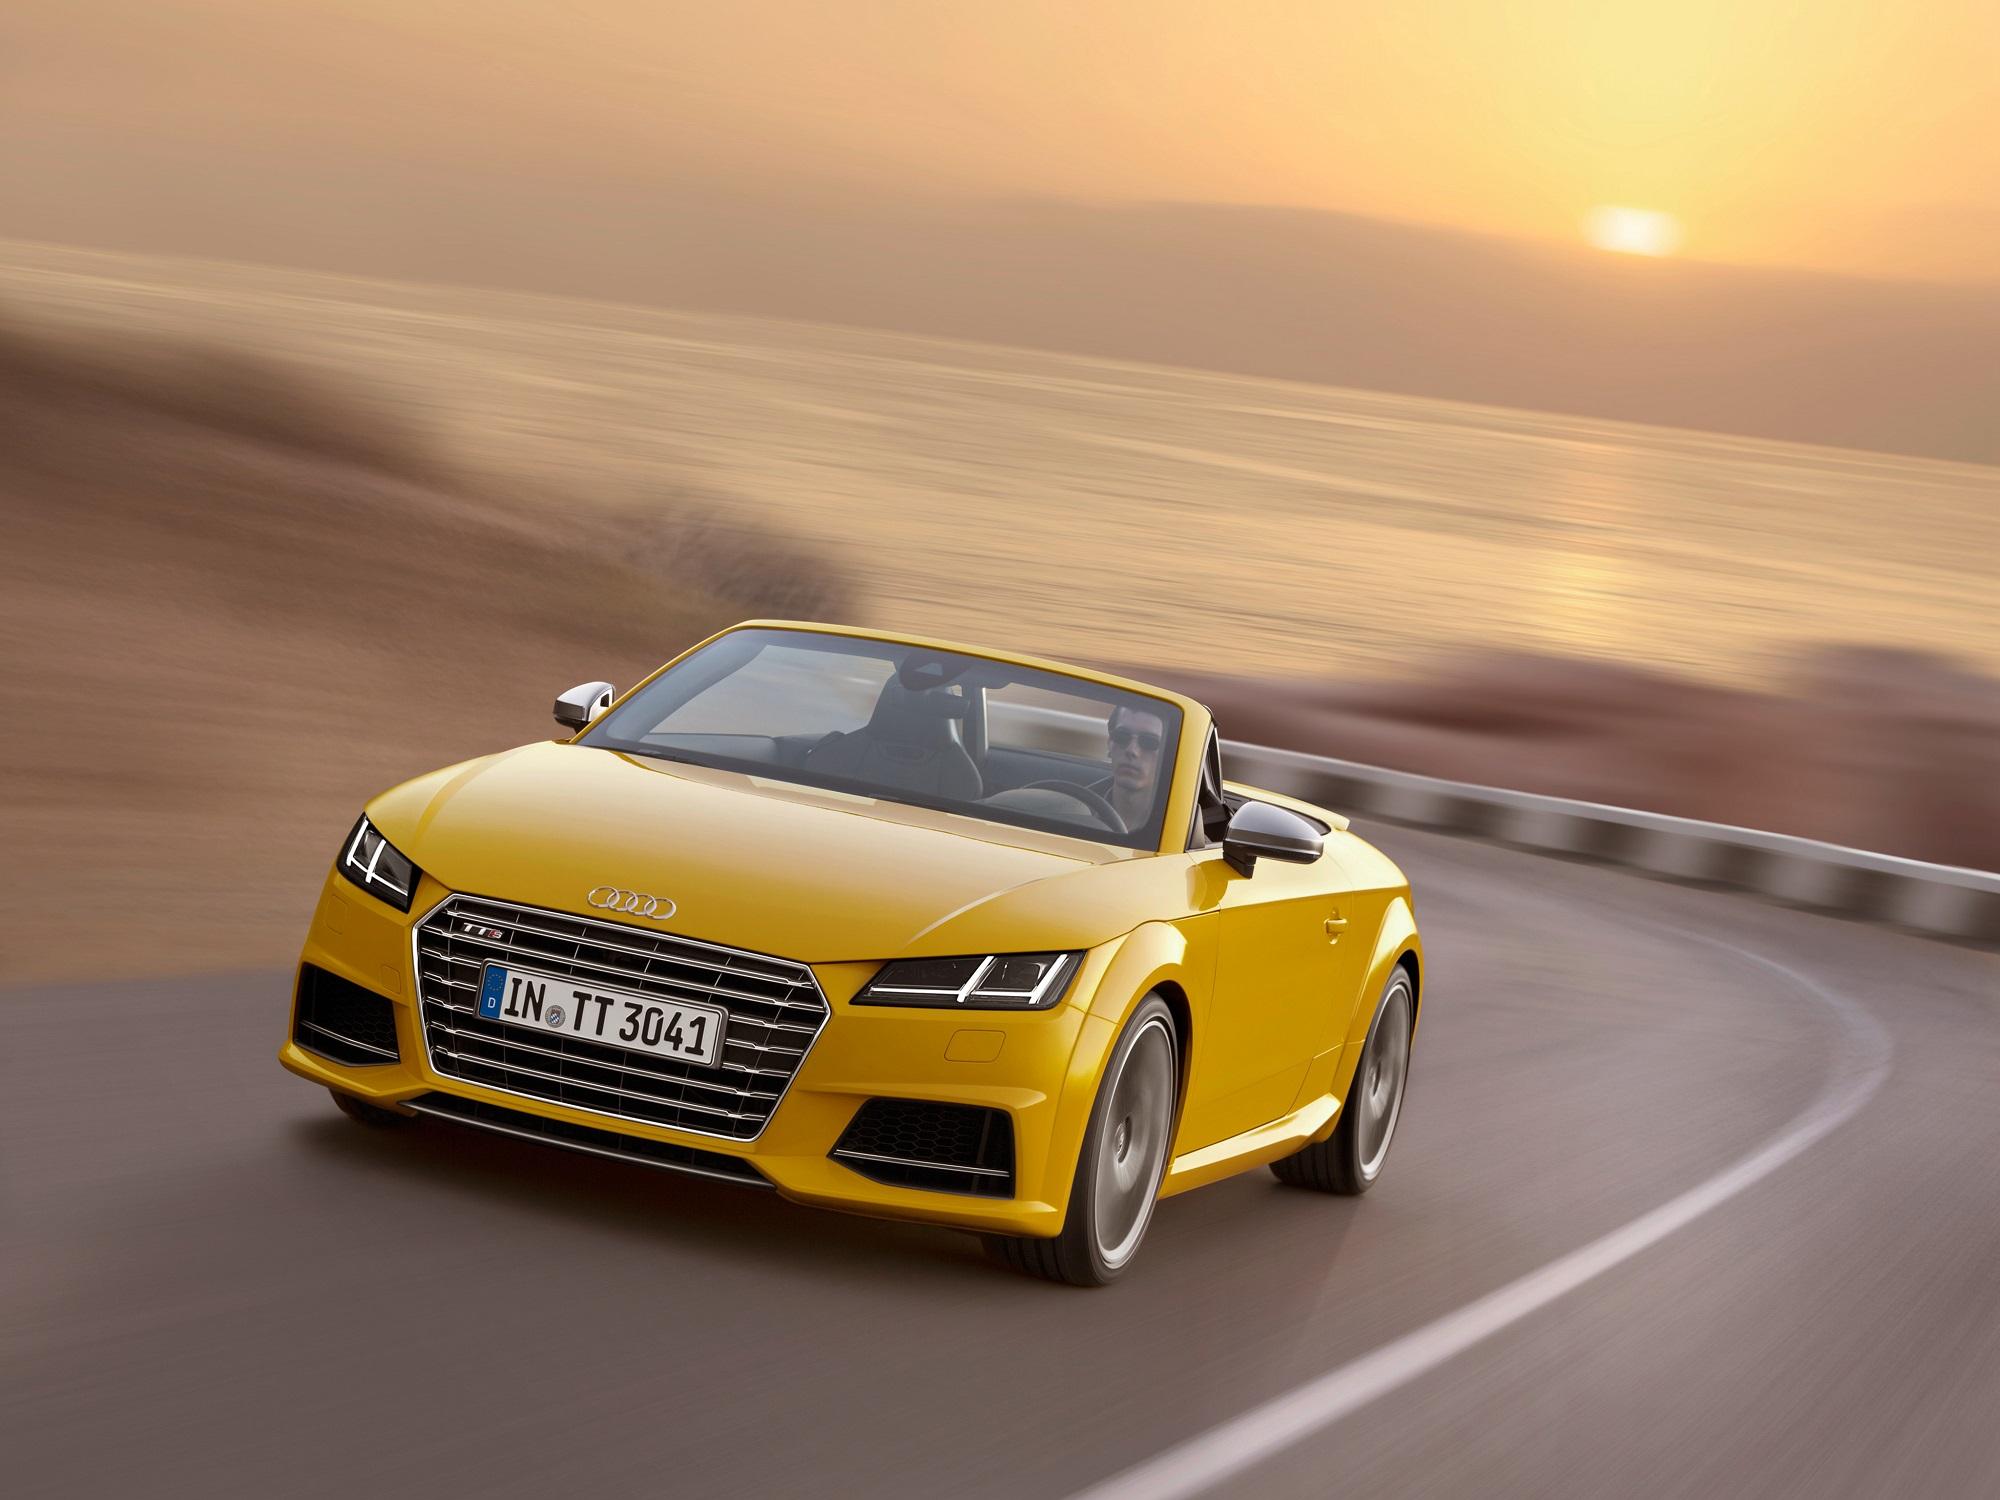 Audi Tt Roadster amarelo em movimento numa estrada de serra com o sol se ponto no horizonte ao fundo